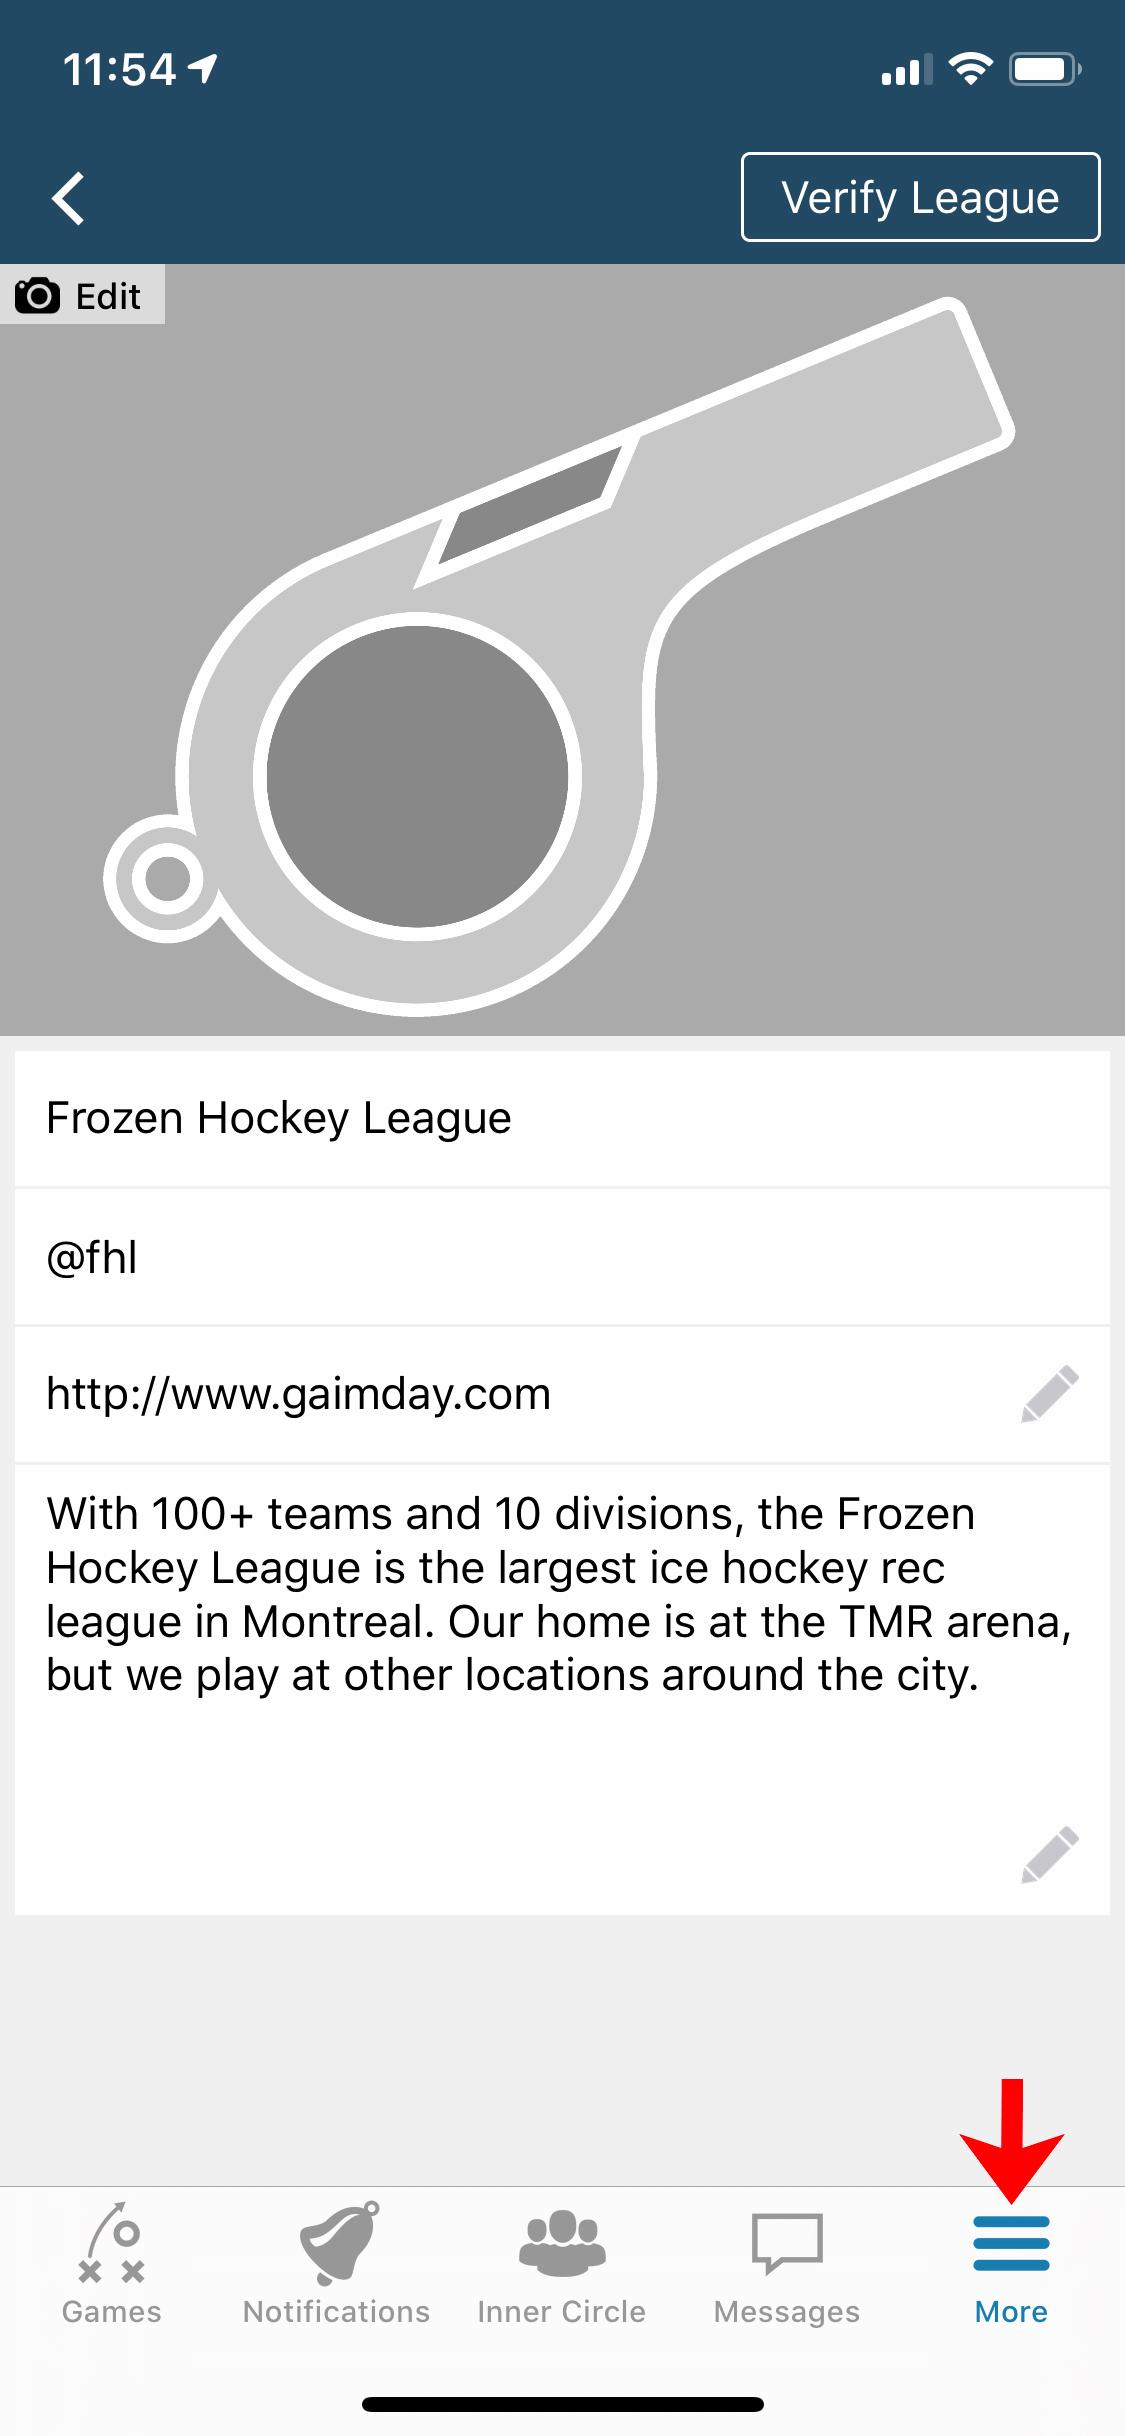 league-info-more